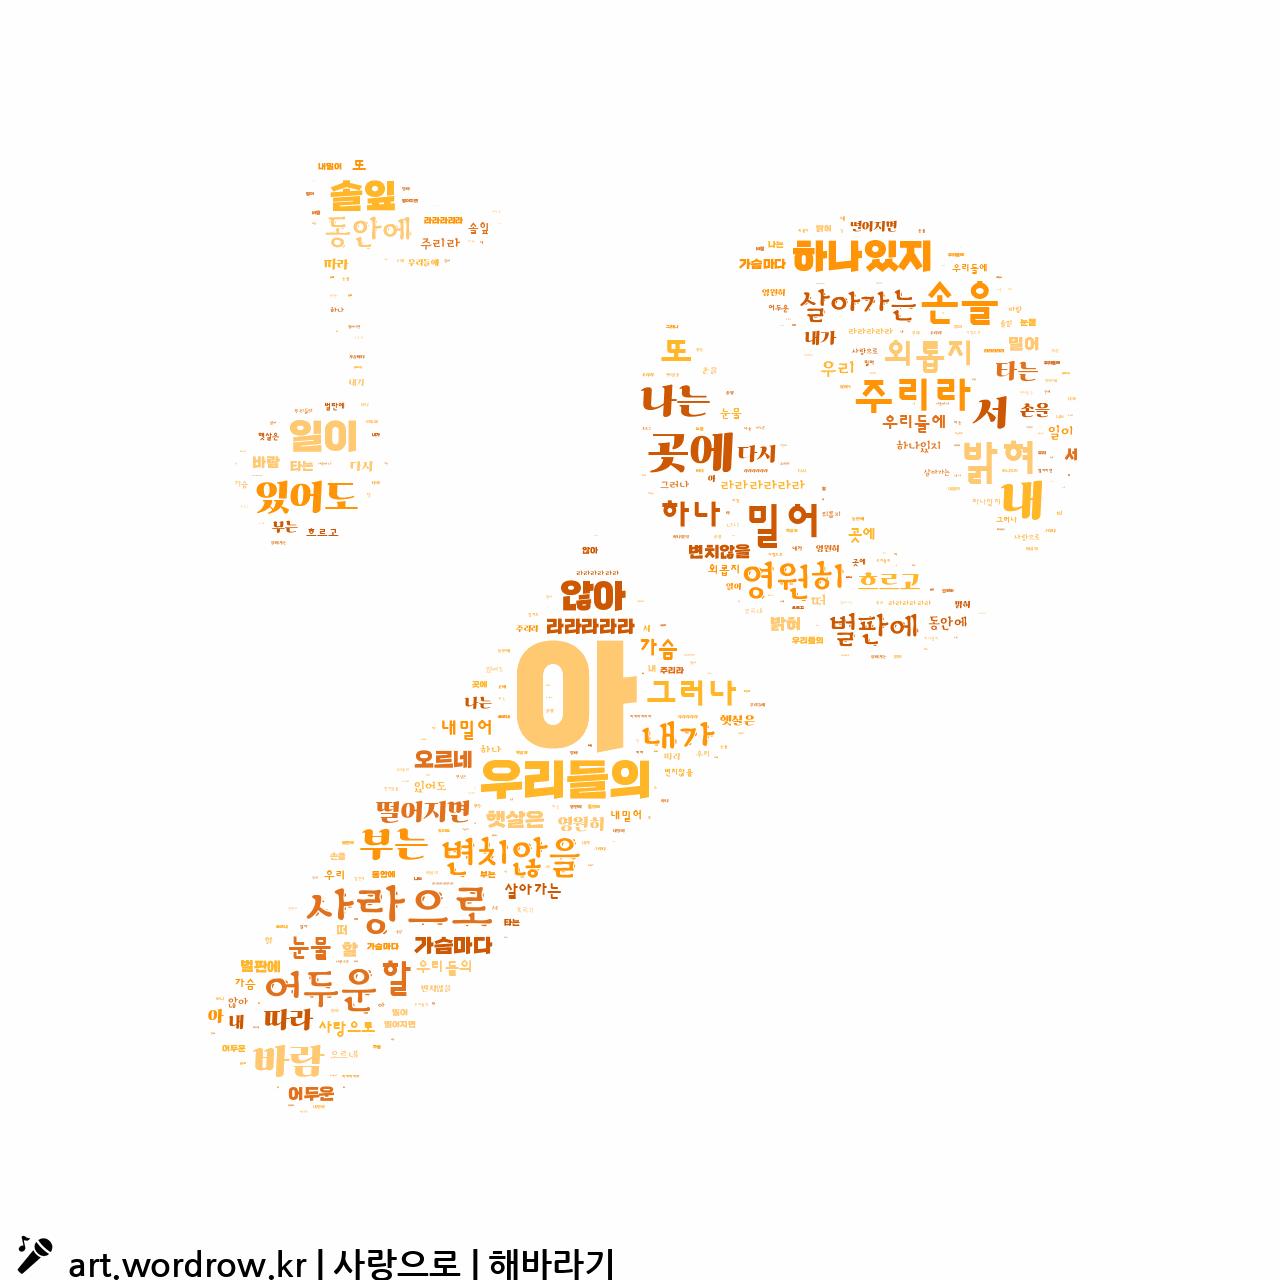 워드 아트: 사랑으로 [해바라기]-37